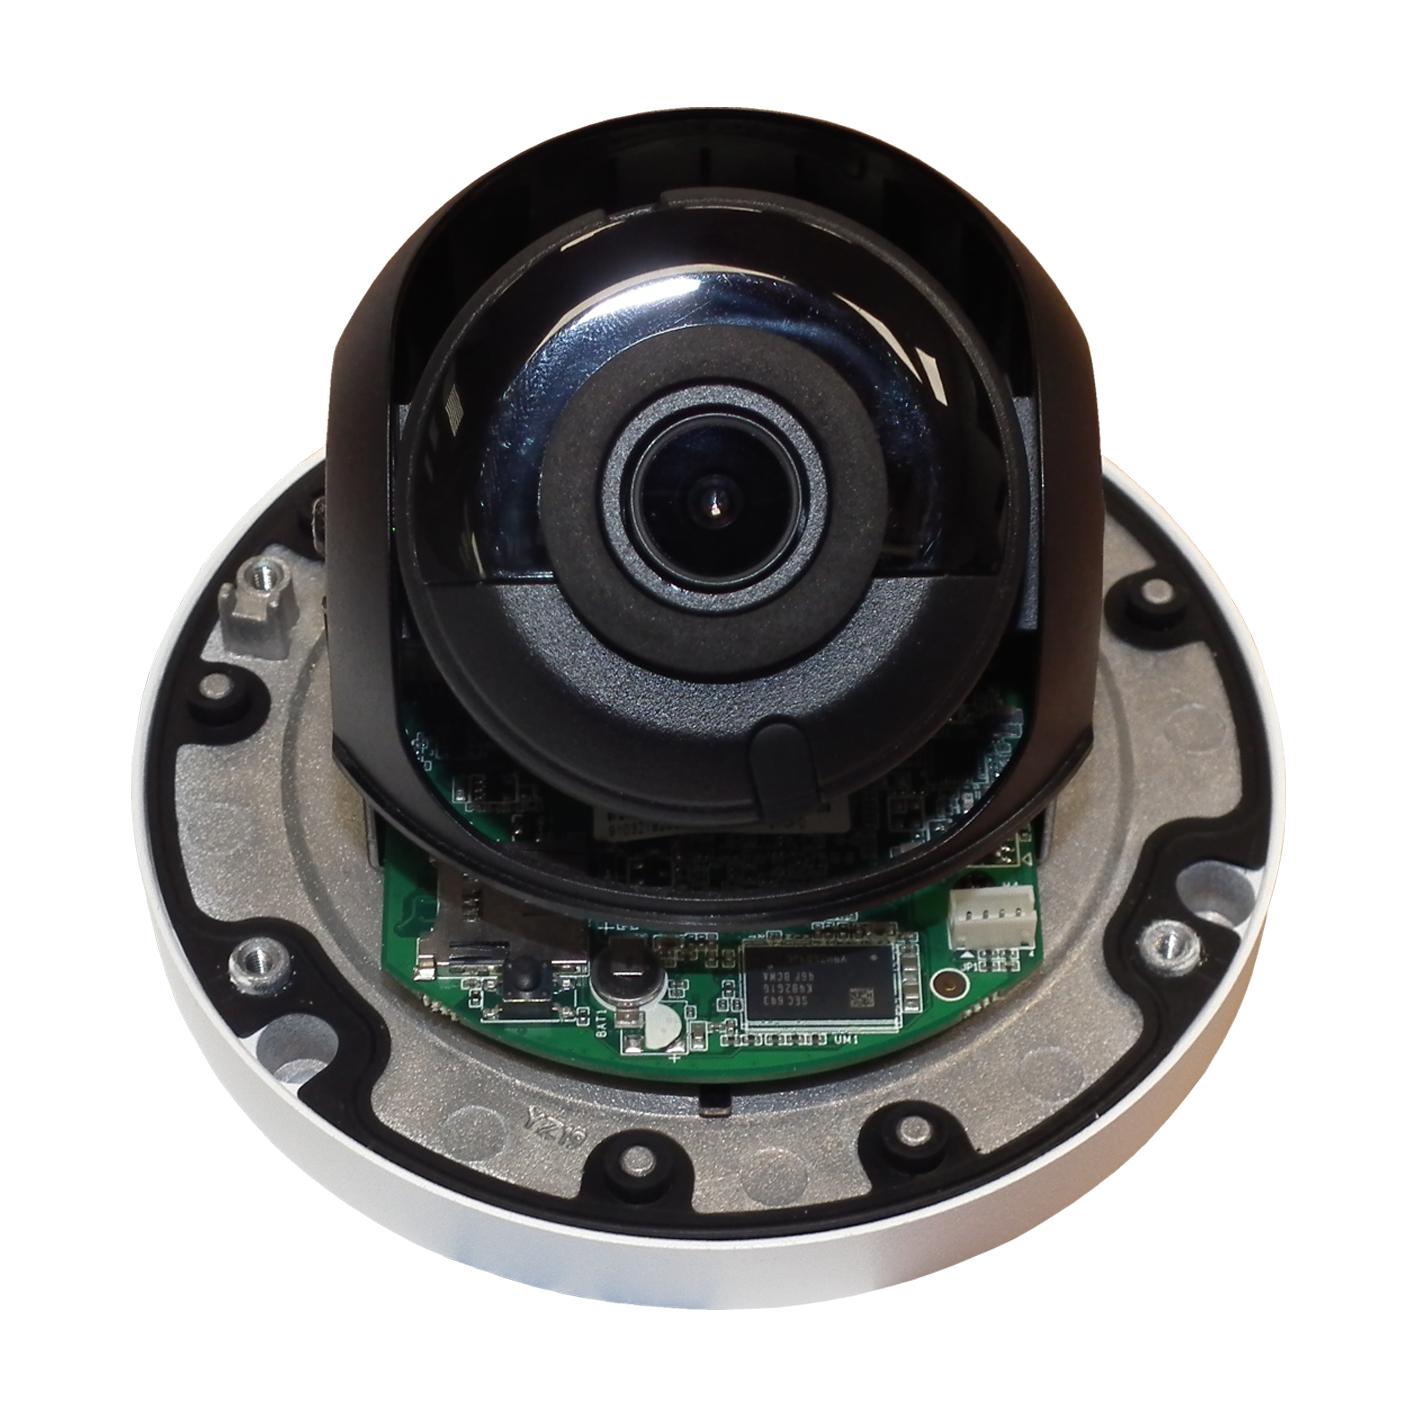 Hikvision 2 Megapixel Fixed Lense Ultra Light Dome Cctv